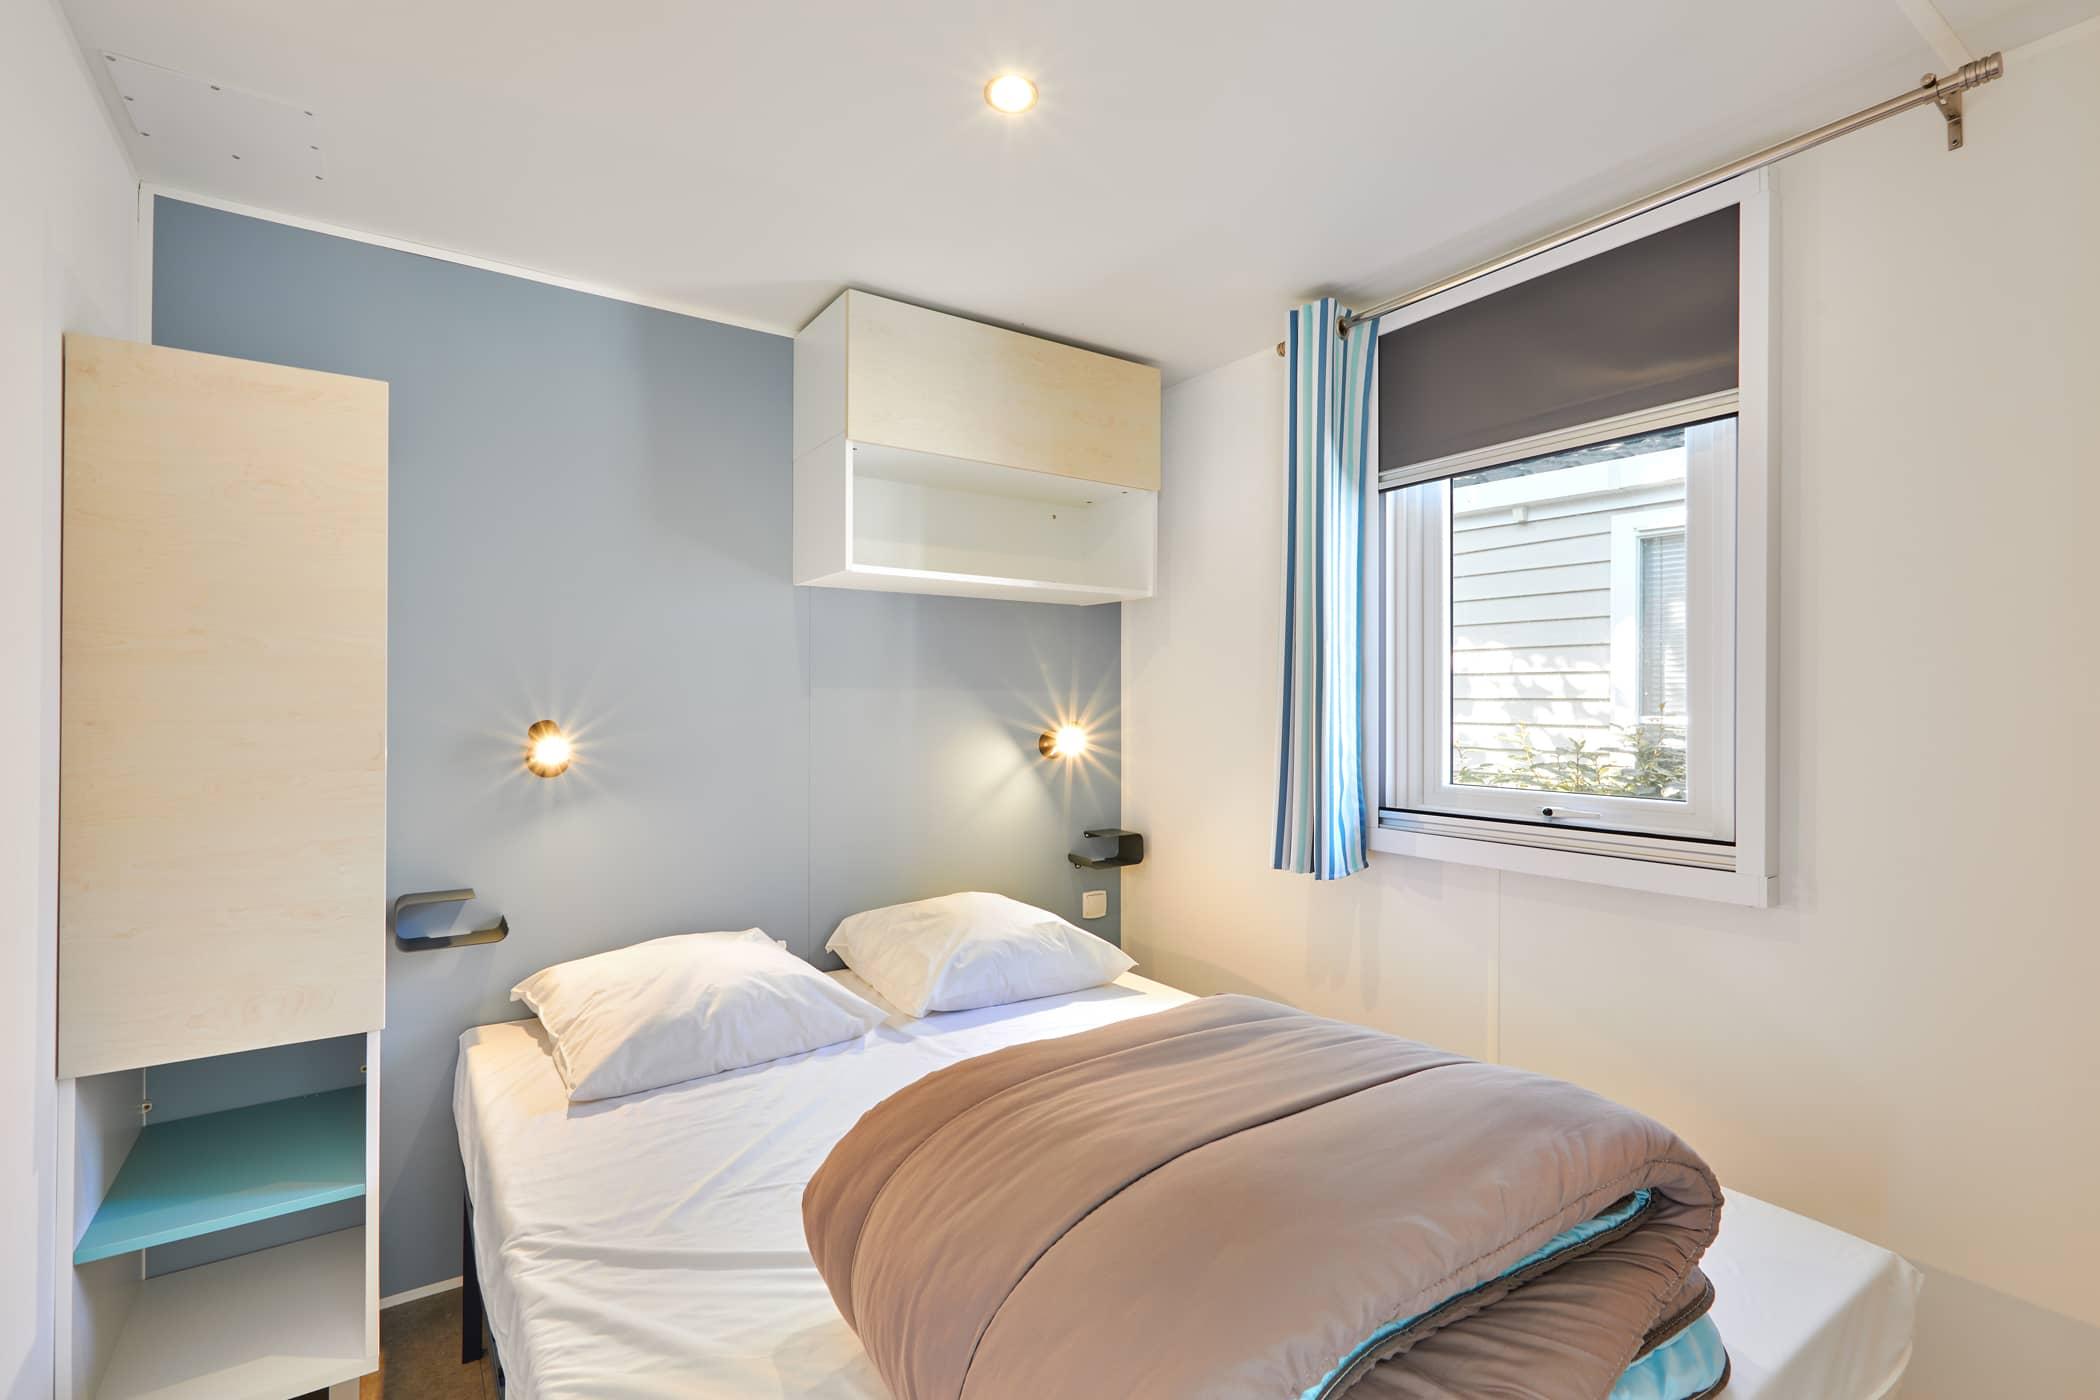 chambre lit double location vacances Châtelaillon Plage